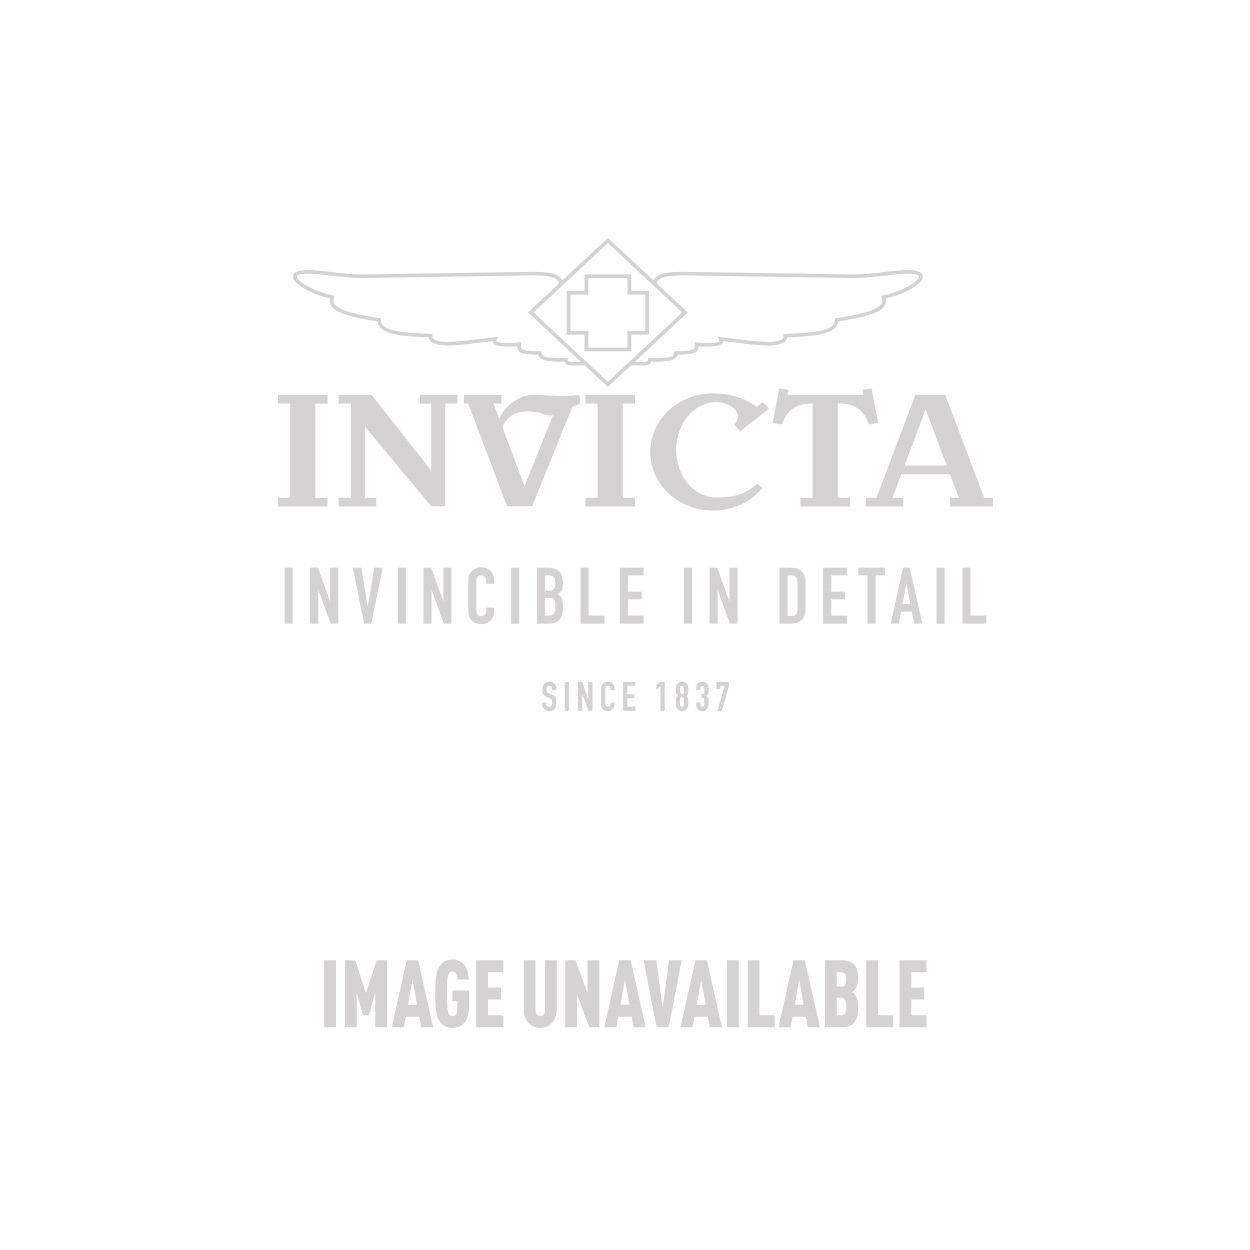 Invicta Venom Automatic Watch - Gold, Gunmetal case with Black tone Silicone band - Model 19315